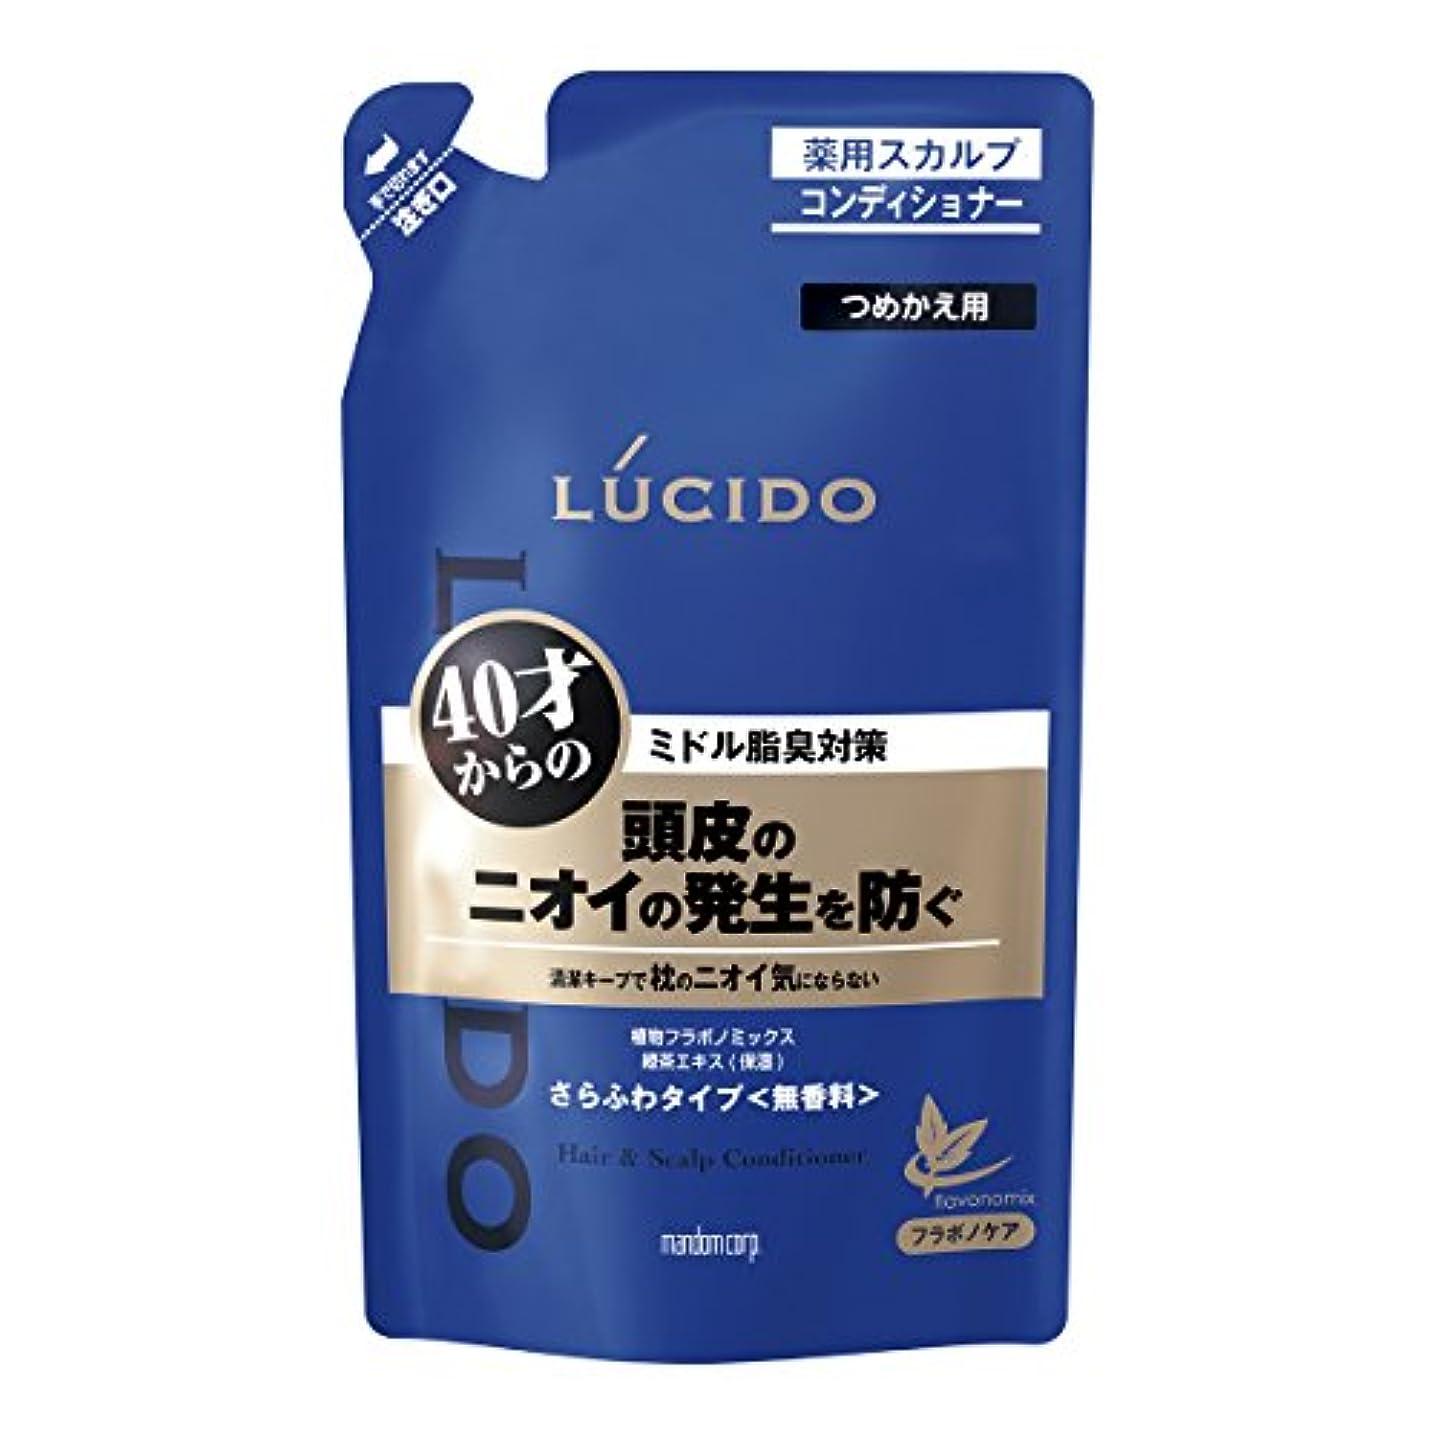 フォアマントランザクション振り子ルシード 薬用ヘア&スカルプコンディショナー つめかえ用 380g(医薬部外品)